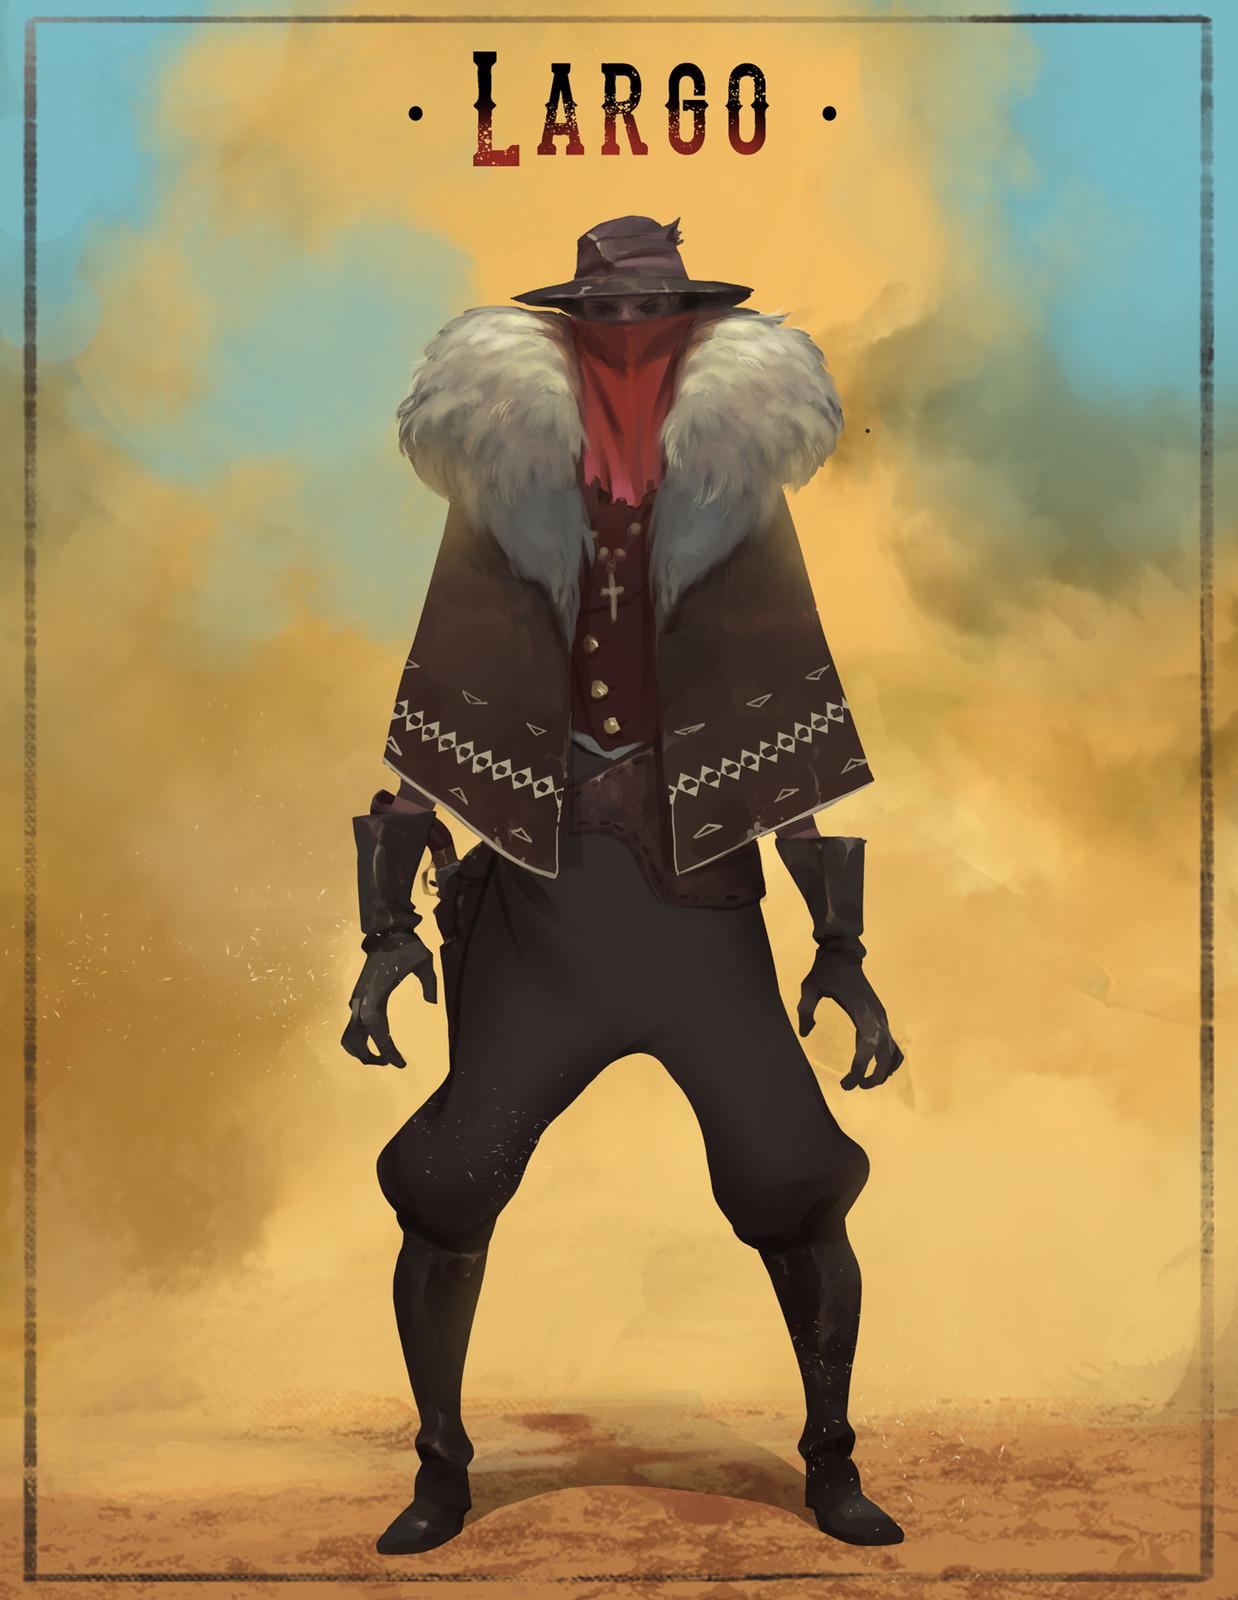 Largo, the Gunslinger